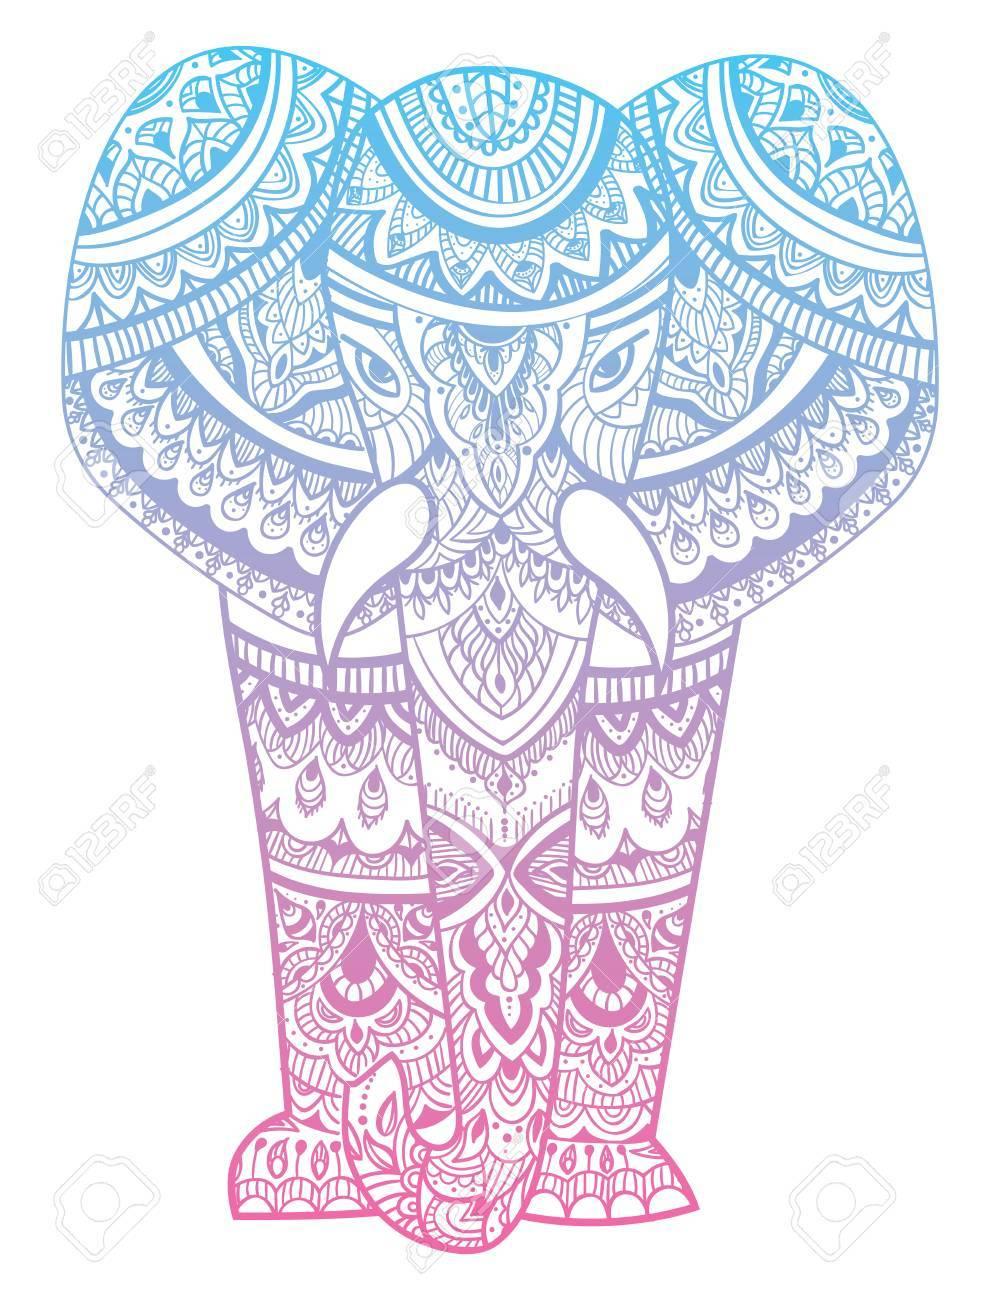 Tête Stylisée D'un Éléphant. Portrait Ornemental D'un Éléphant. Dessin De  Couleur À La Main. Indien. Mandala. tout Dessiner Un Mandala